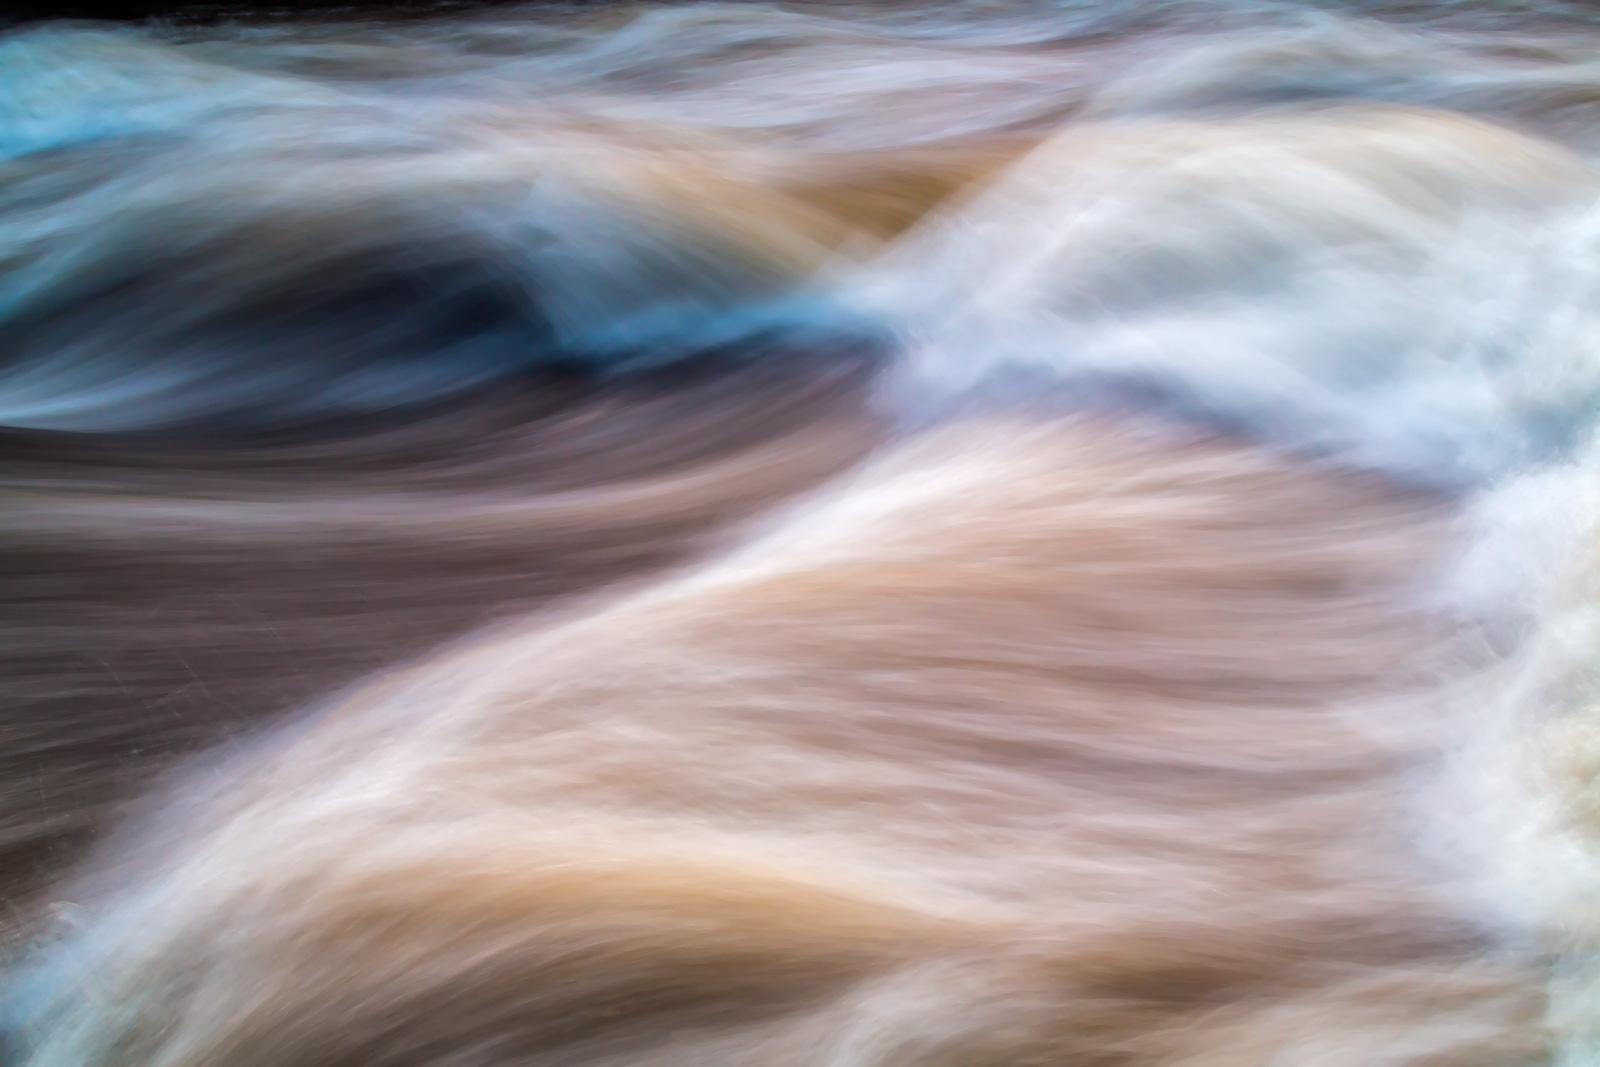 Montana, River, Rapids, limited edition, photograph, fine art, landscape, photo